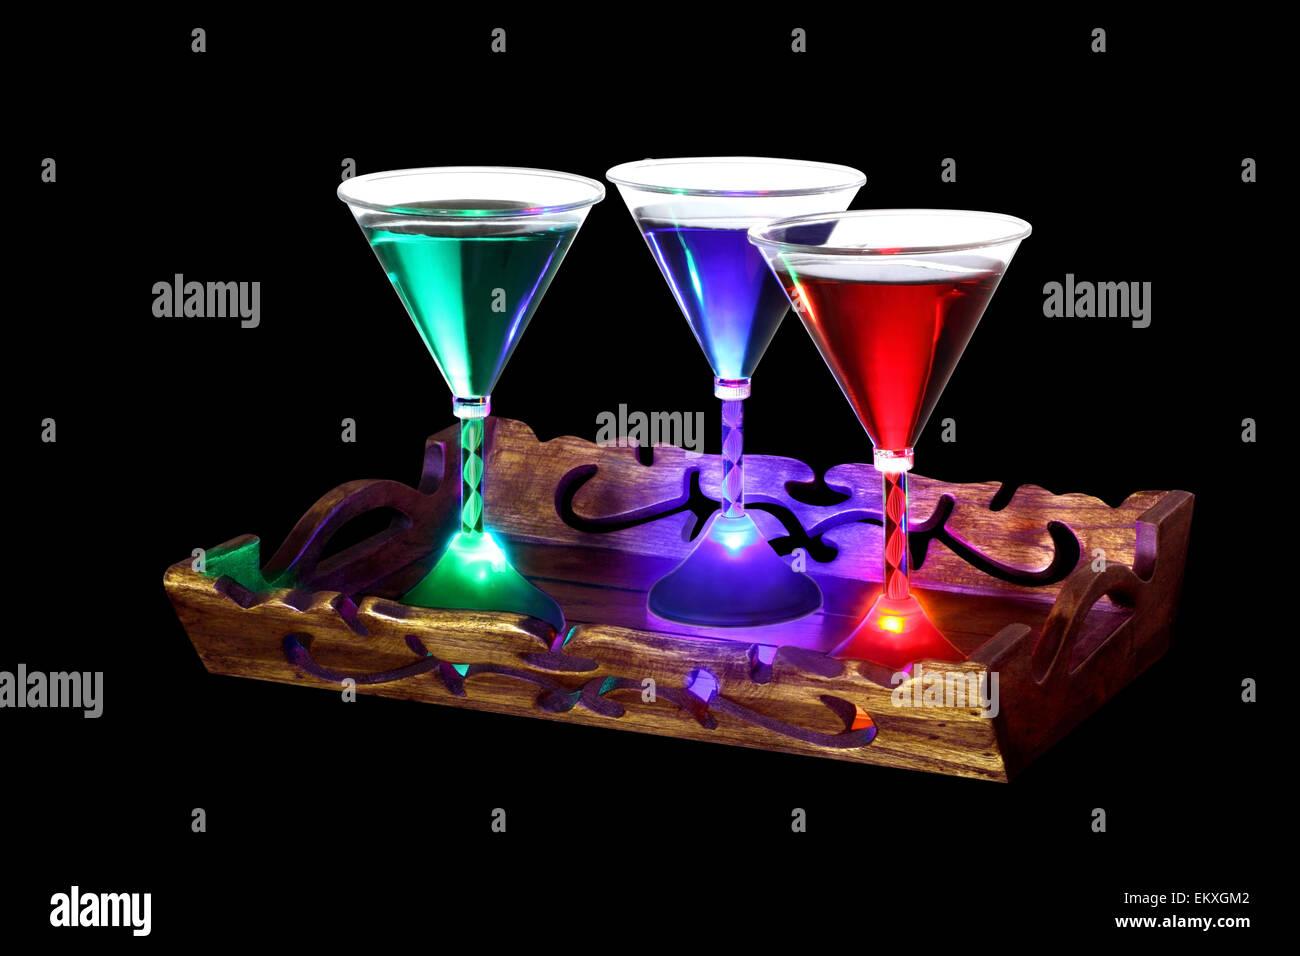 eine dekorativ geschnitzte schale mit drei cocktail gl ser von denen jede durch ein led licht. Black Bedroom Furniture Sets. Home Design Ideas